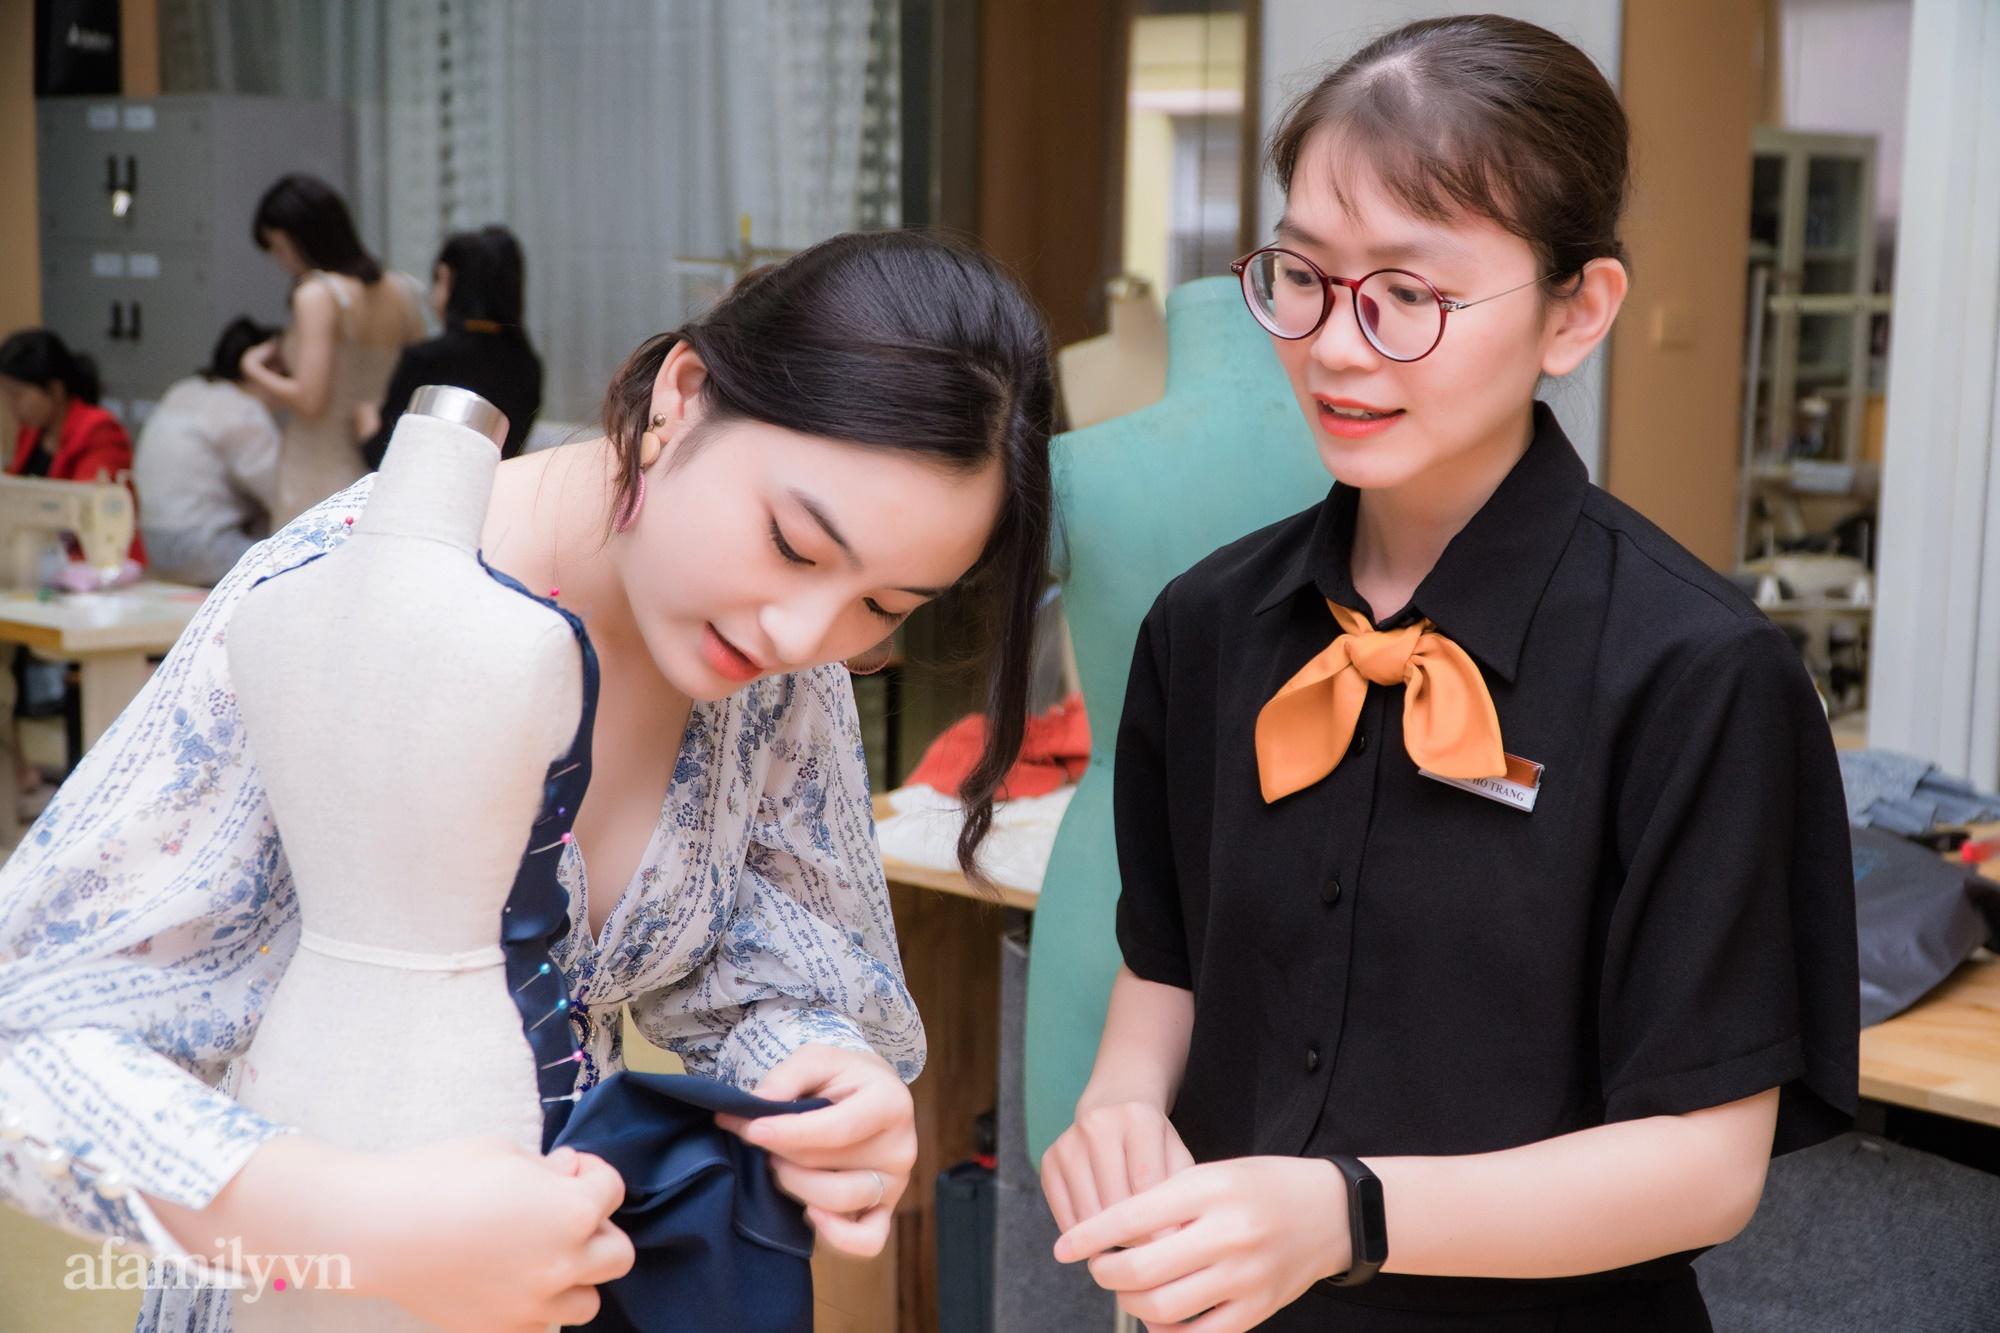 """""""Mục sở thị"""" lớp học cắt may thời trang ứng dụng: Thú vui mới điểm tô cho cuộc sống bận rộn của những quý cô thị thành - Ảnh 2."""